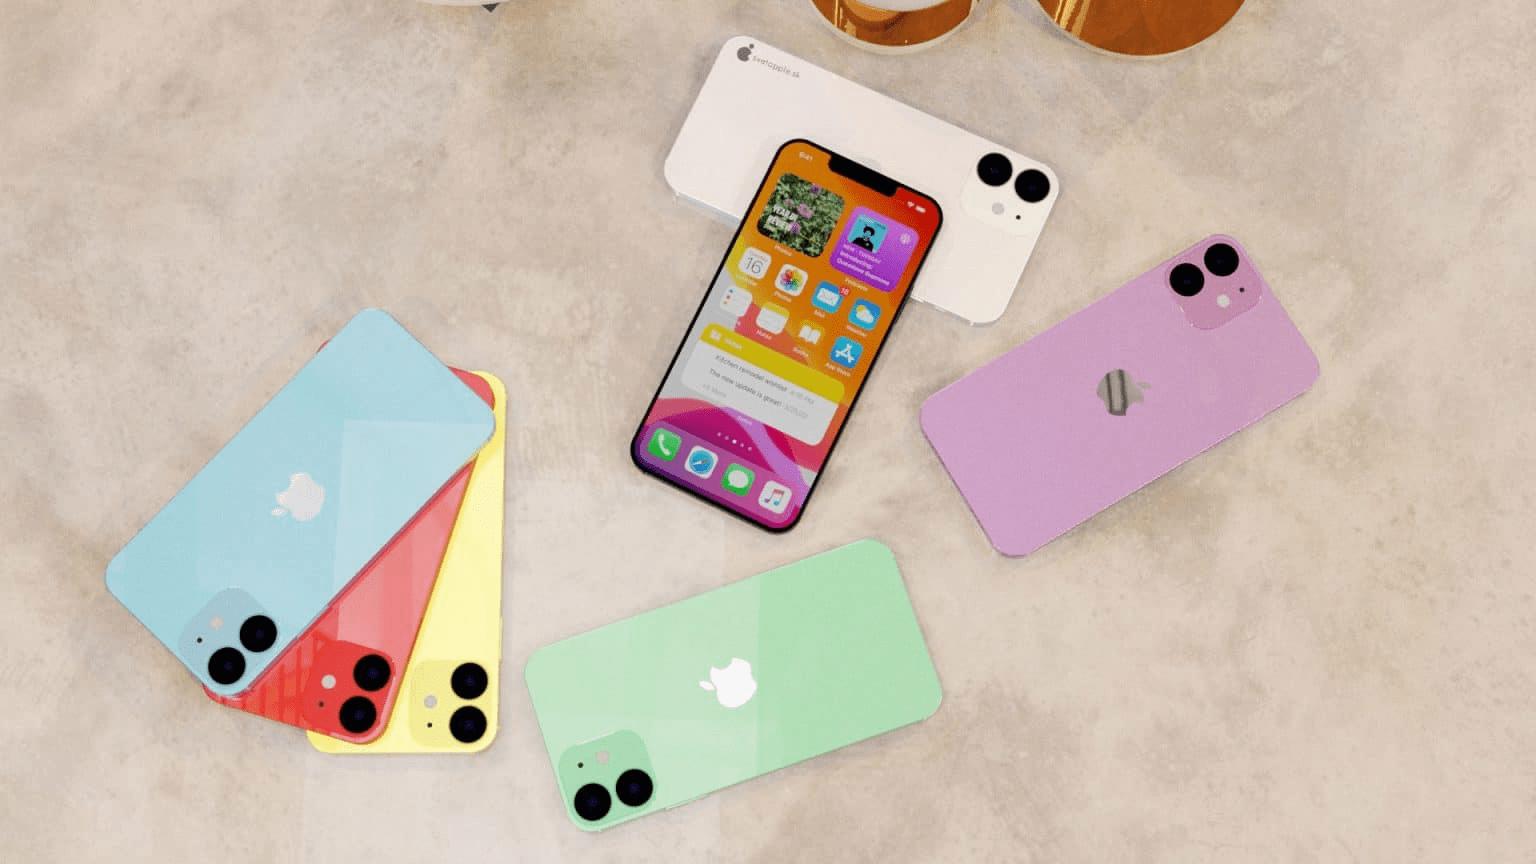 Hãy thử tưởng tượng ra màu sắc của những chiếc iPhone 12